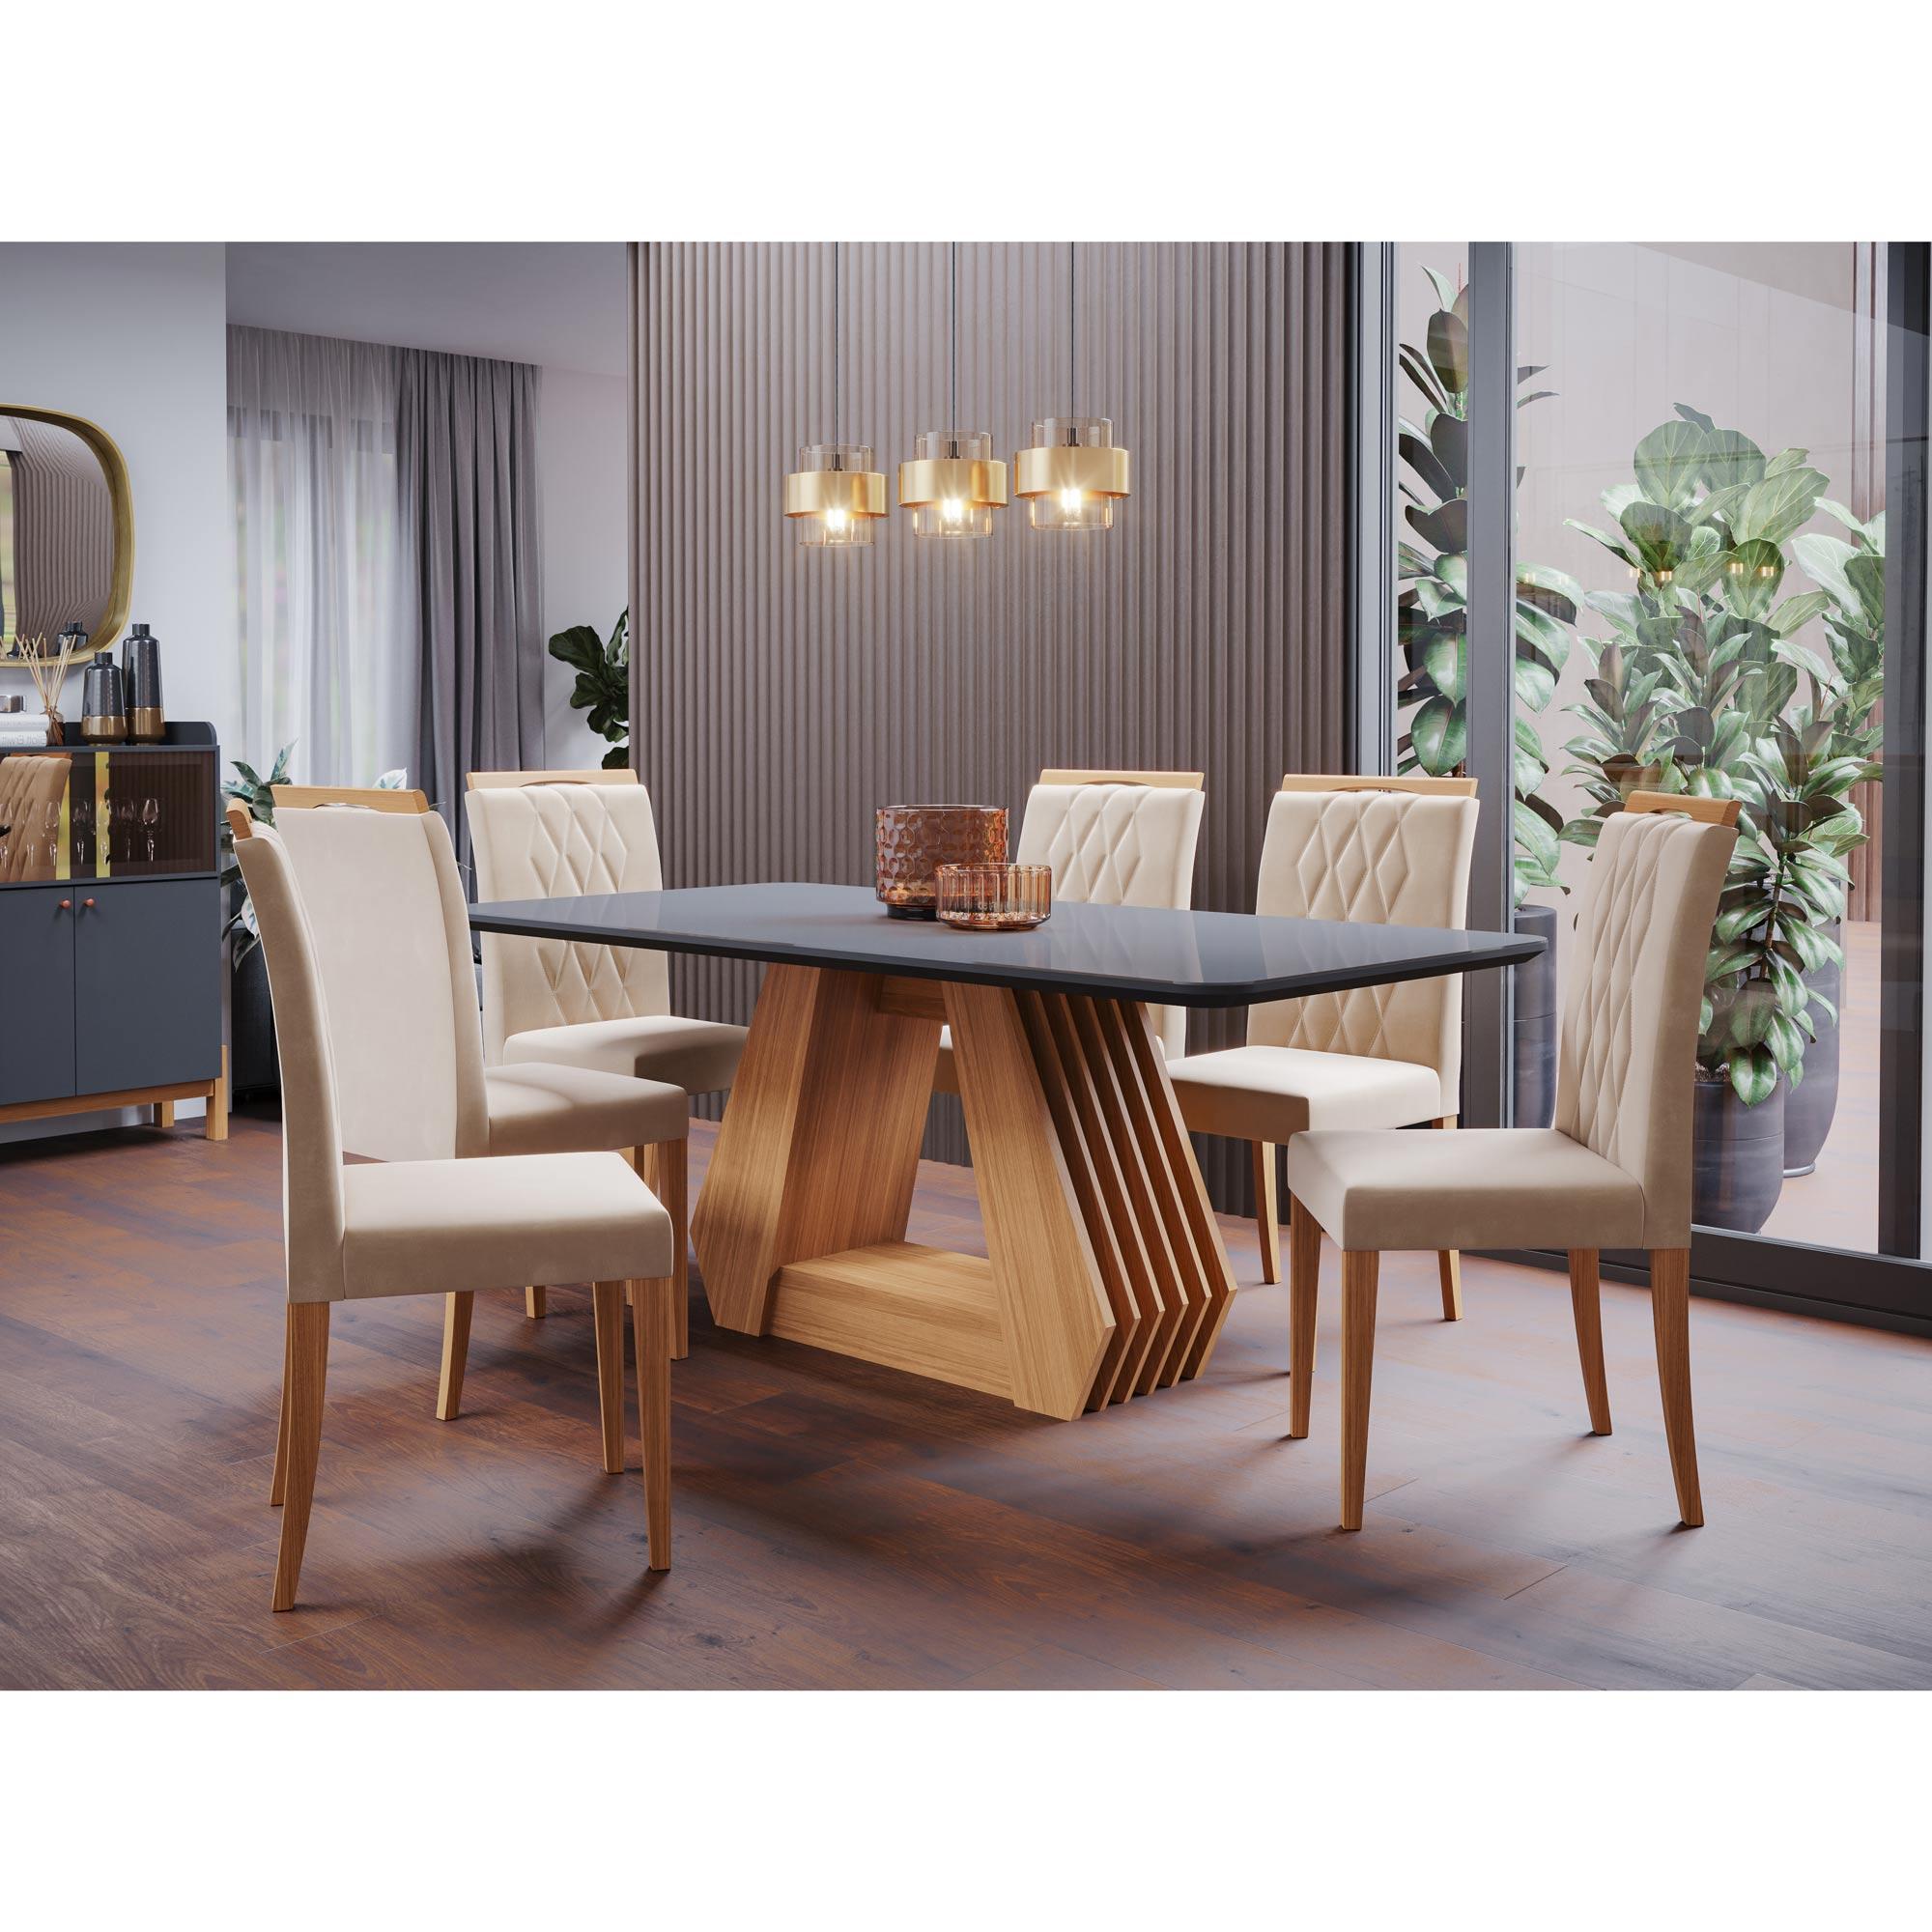 Mesa para Sala De Jantar Agata 180 x 90 cm e 6 Cadeiras Juliana Cimol Nature/Chumbo/Madeira/Joli